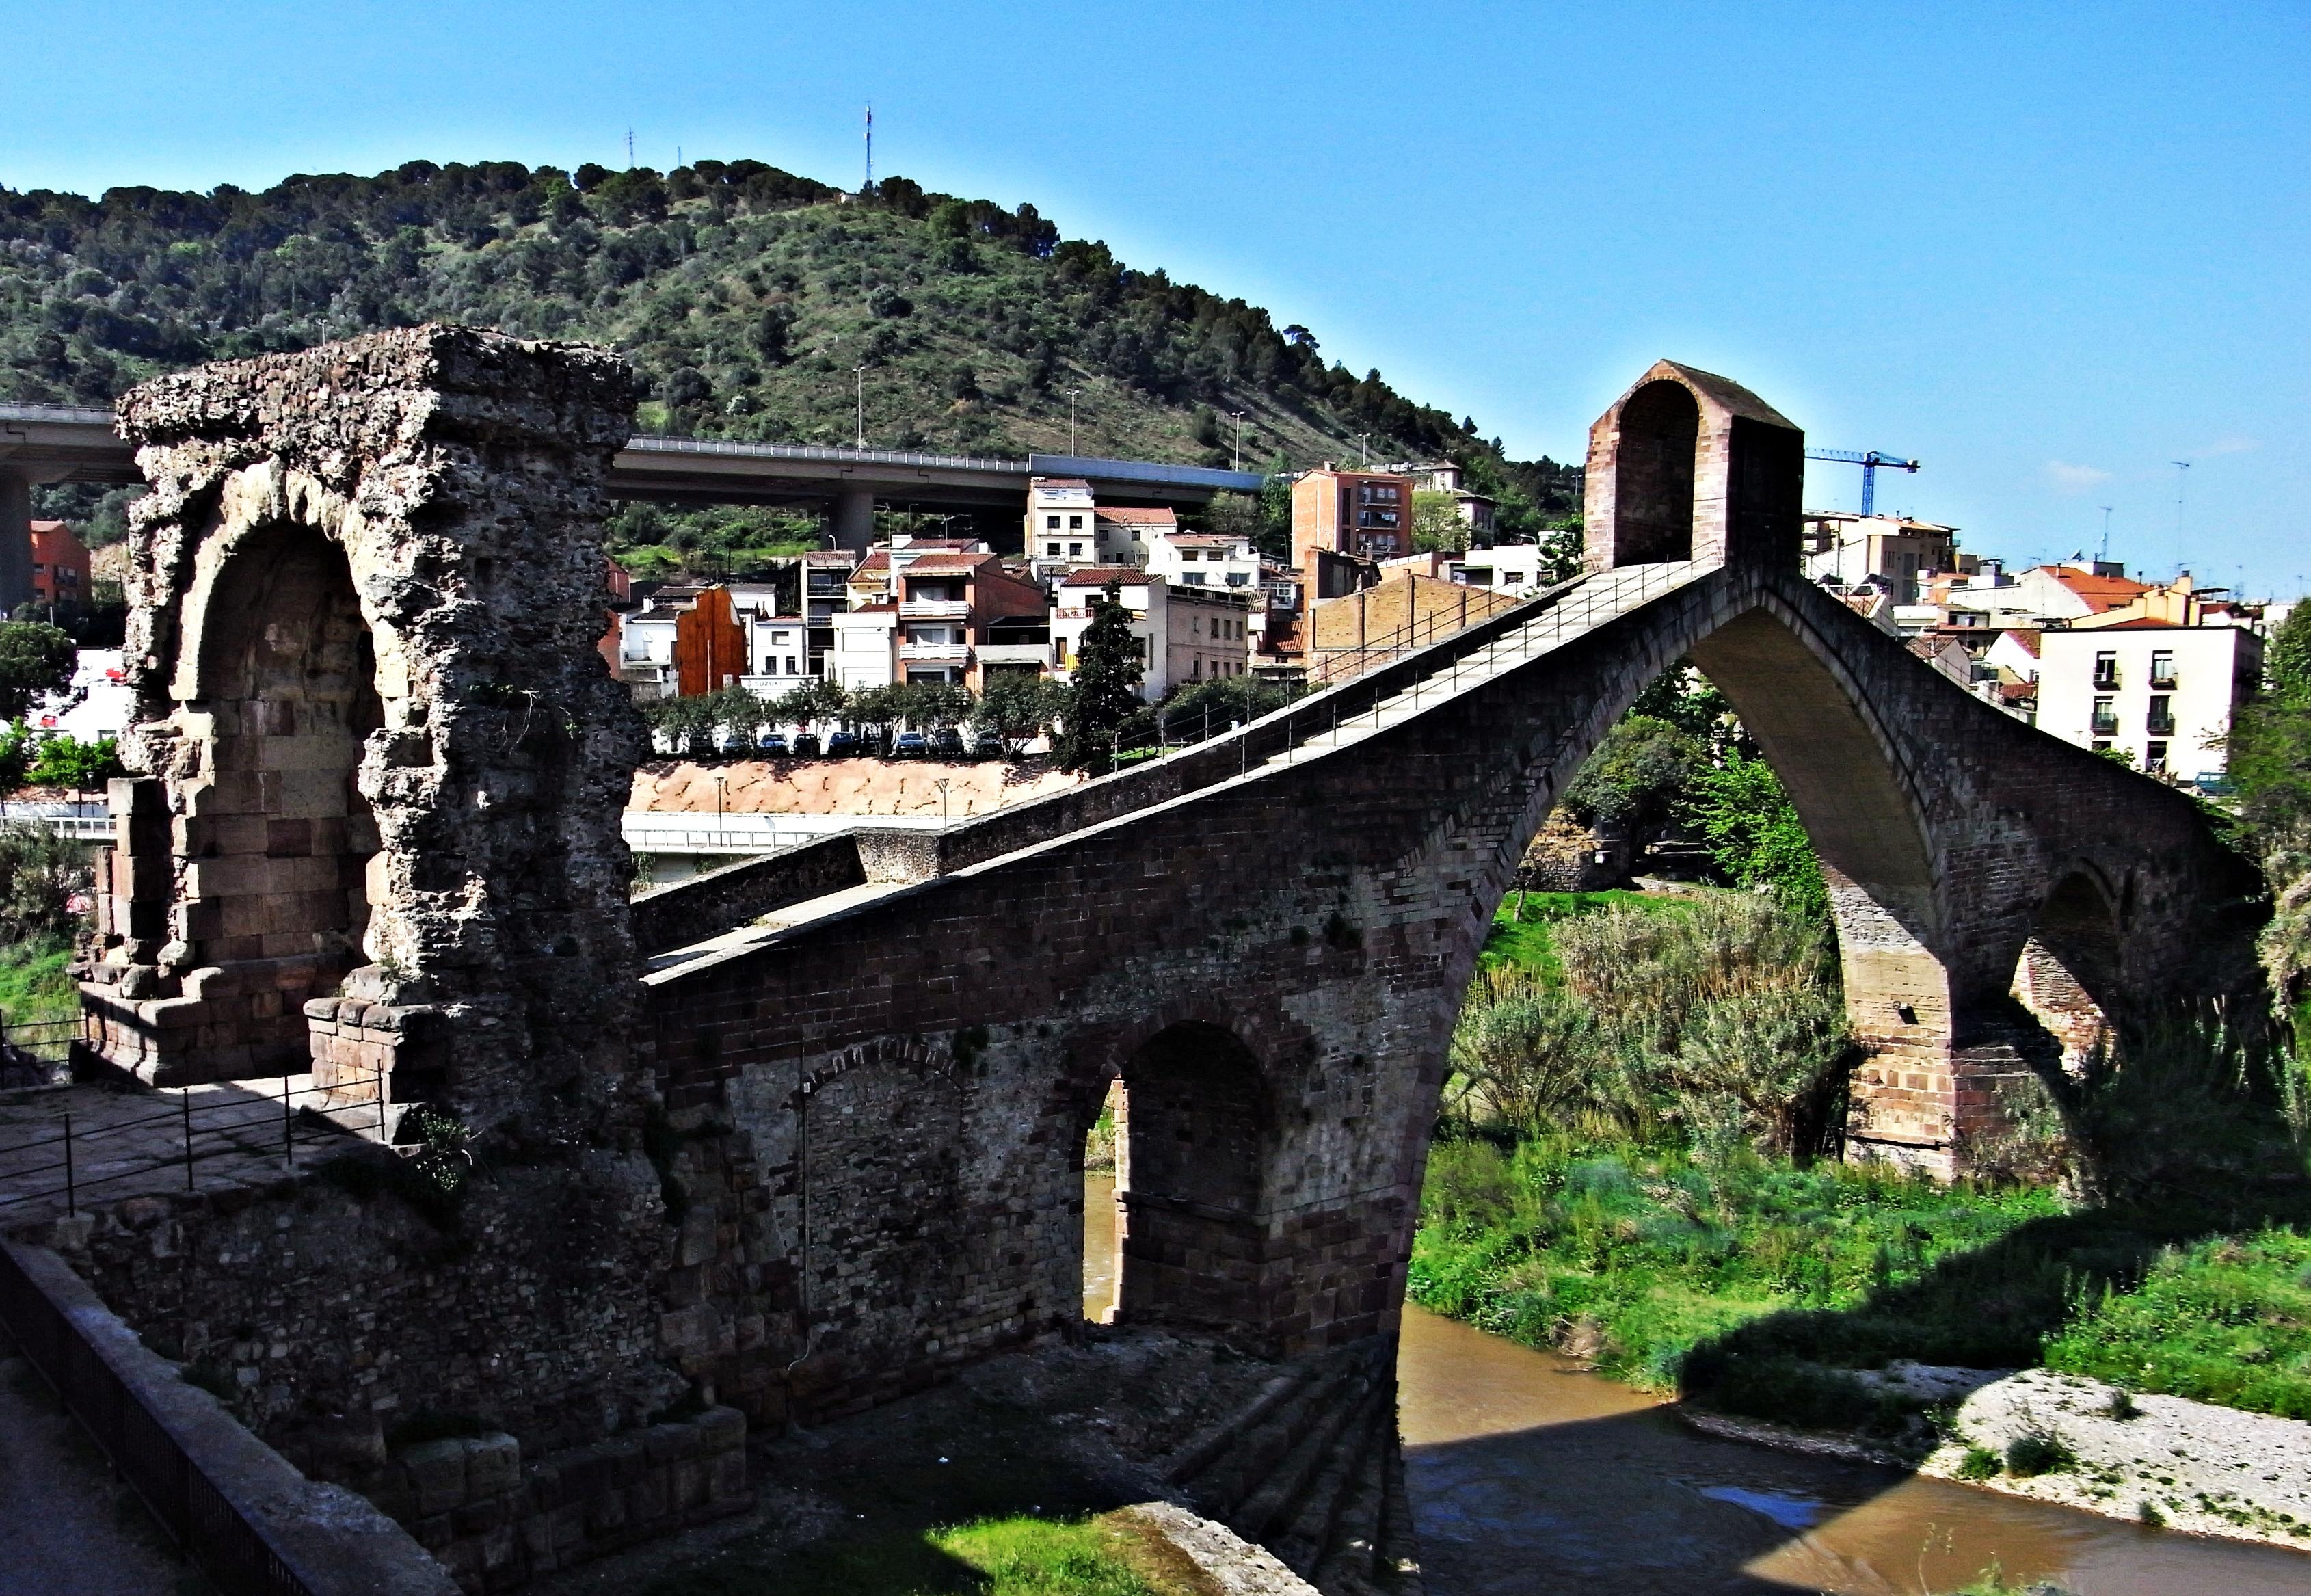 Puente del Diablo (Martorell) - Wikipedia, la enciclopedia libre